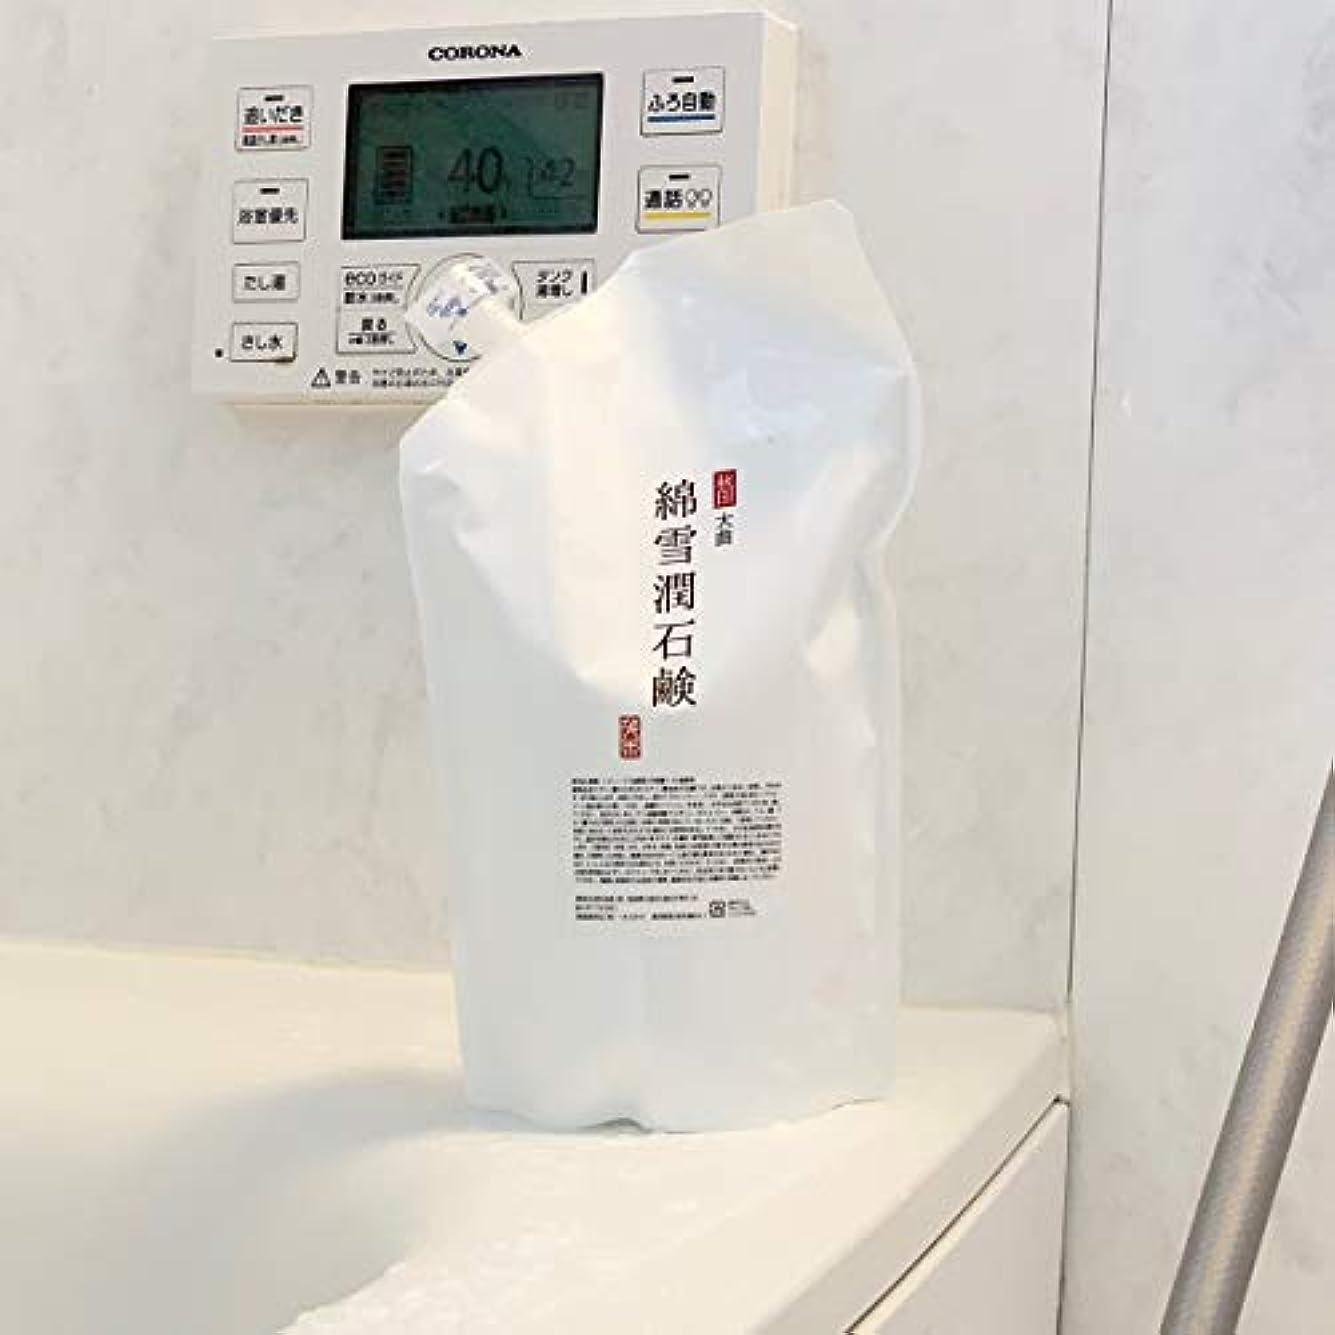 エクスタシー毎日混乱させる綿雪潤石鹸 700mL